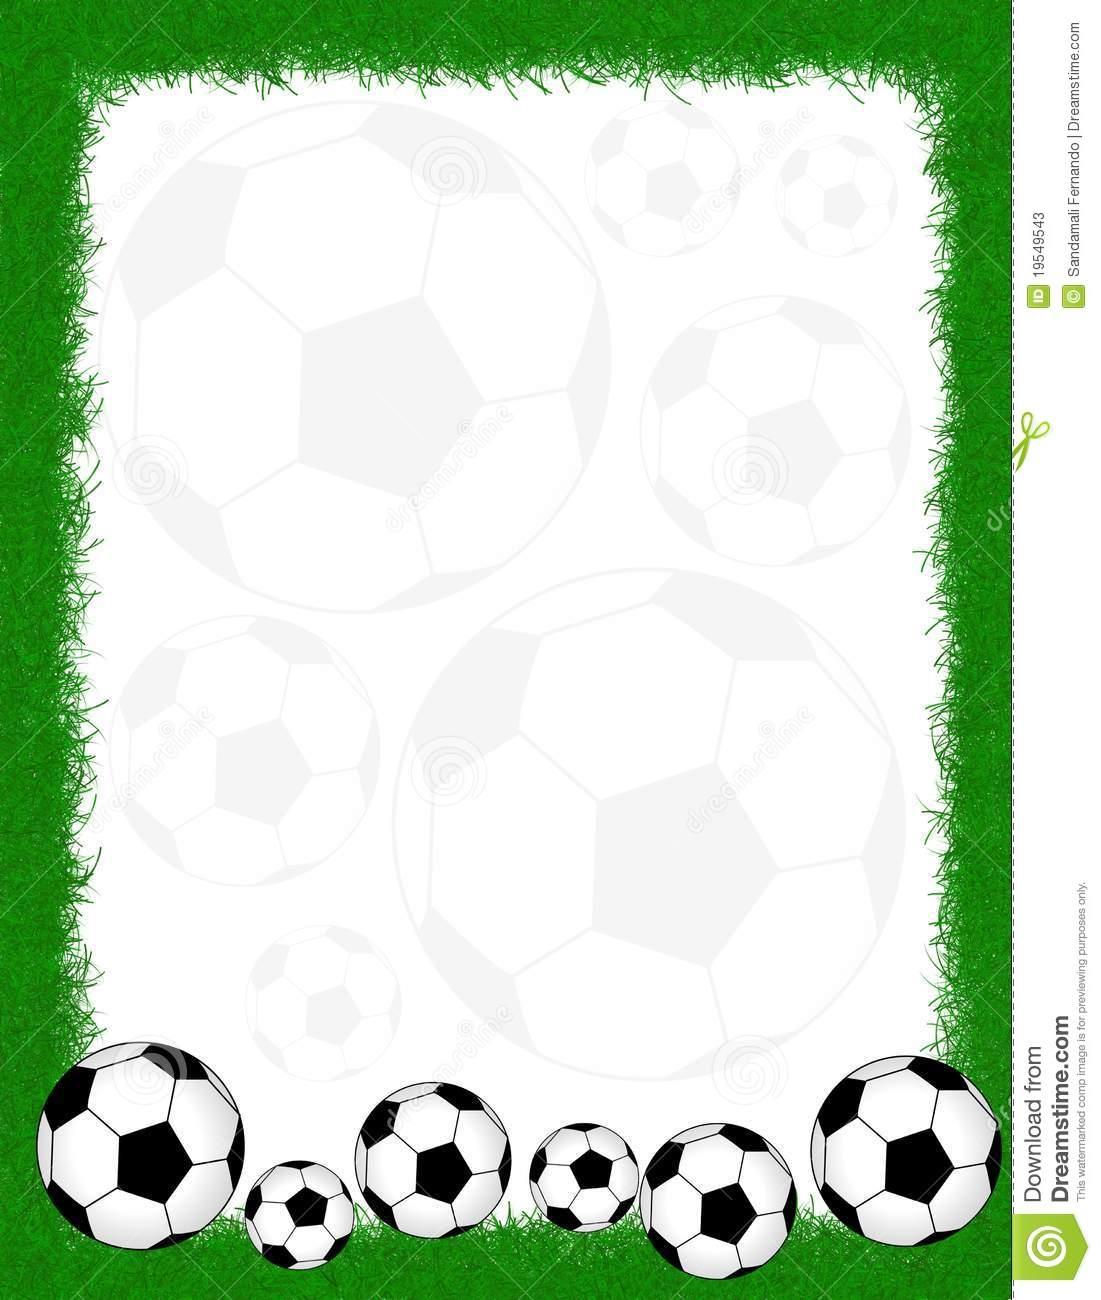 1101x1300 Soccer Border Clip Art